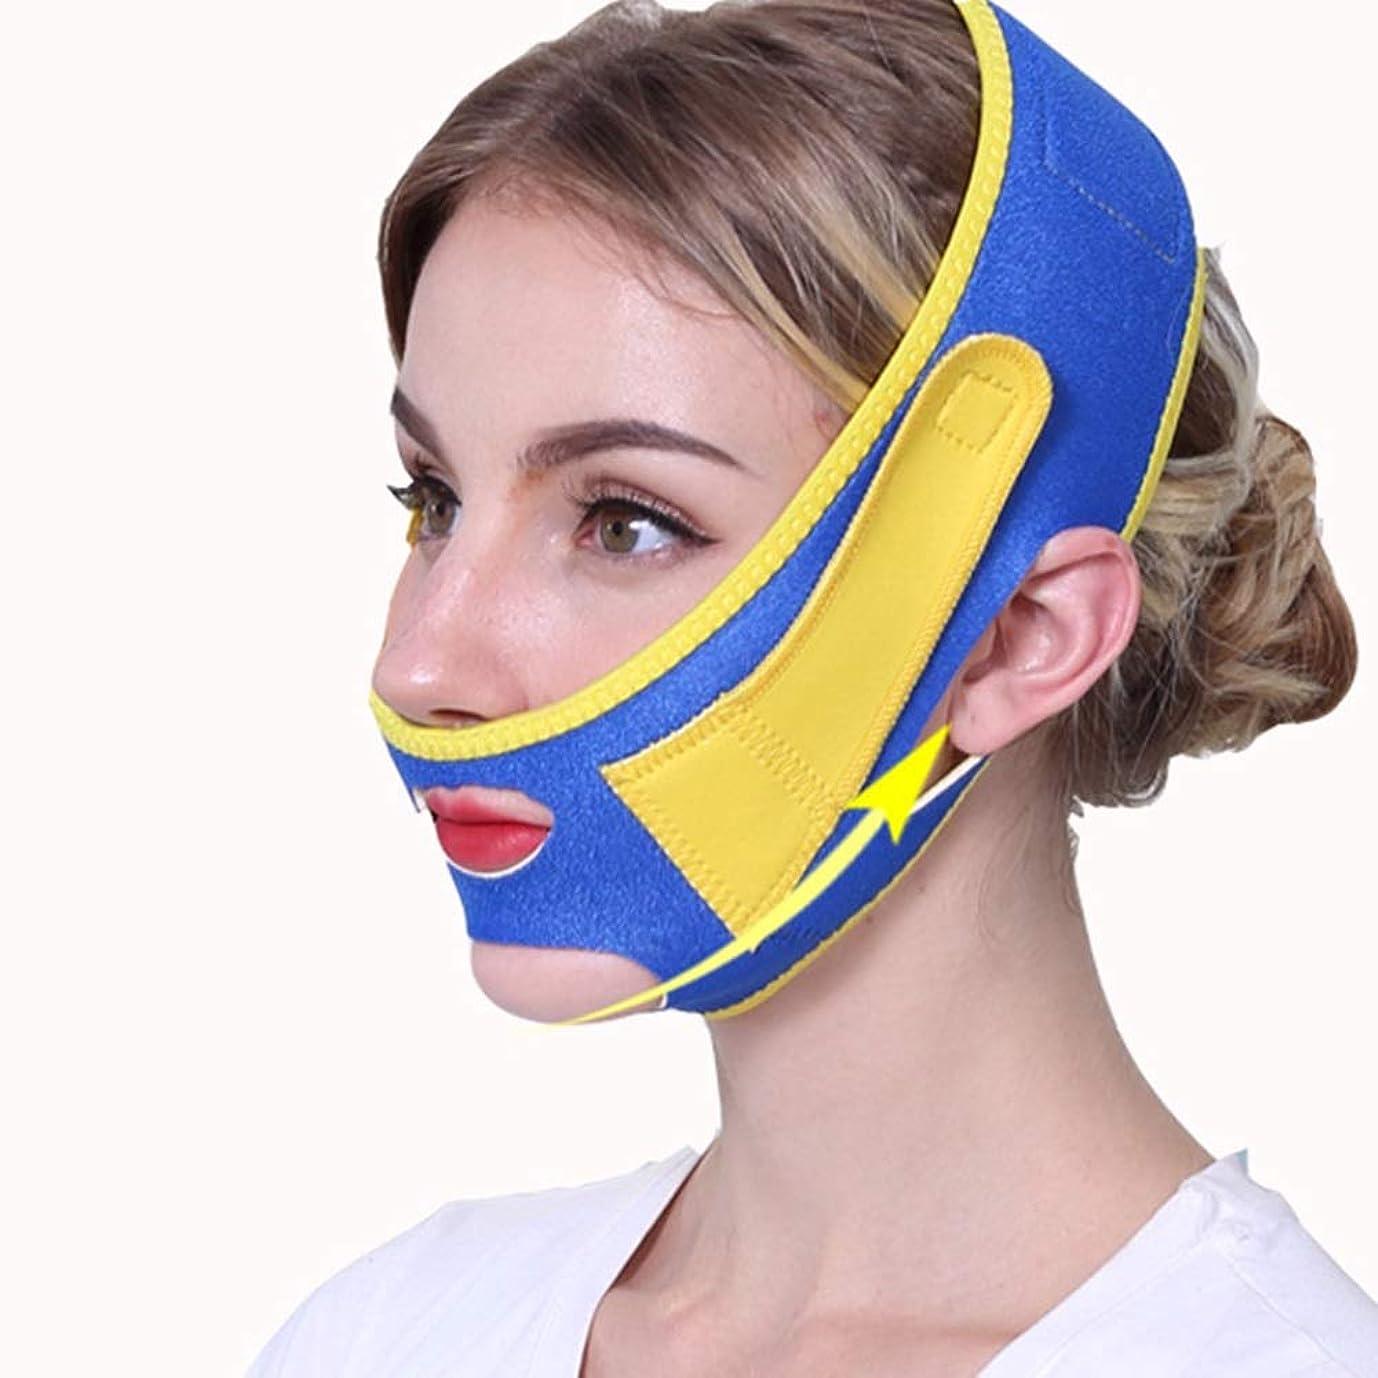 擬人化書店失敗XINGZHE フェイシャルリフティング痩身ベルトフェイス包帯マスク整形マスクフェイスベルトを引き締める薄型フェイス包帯整形マスクフェイスと首の顔を引き締めスリム フェイスリフティングベルト